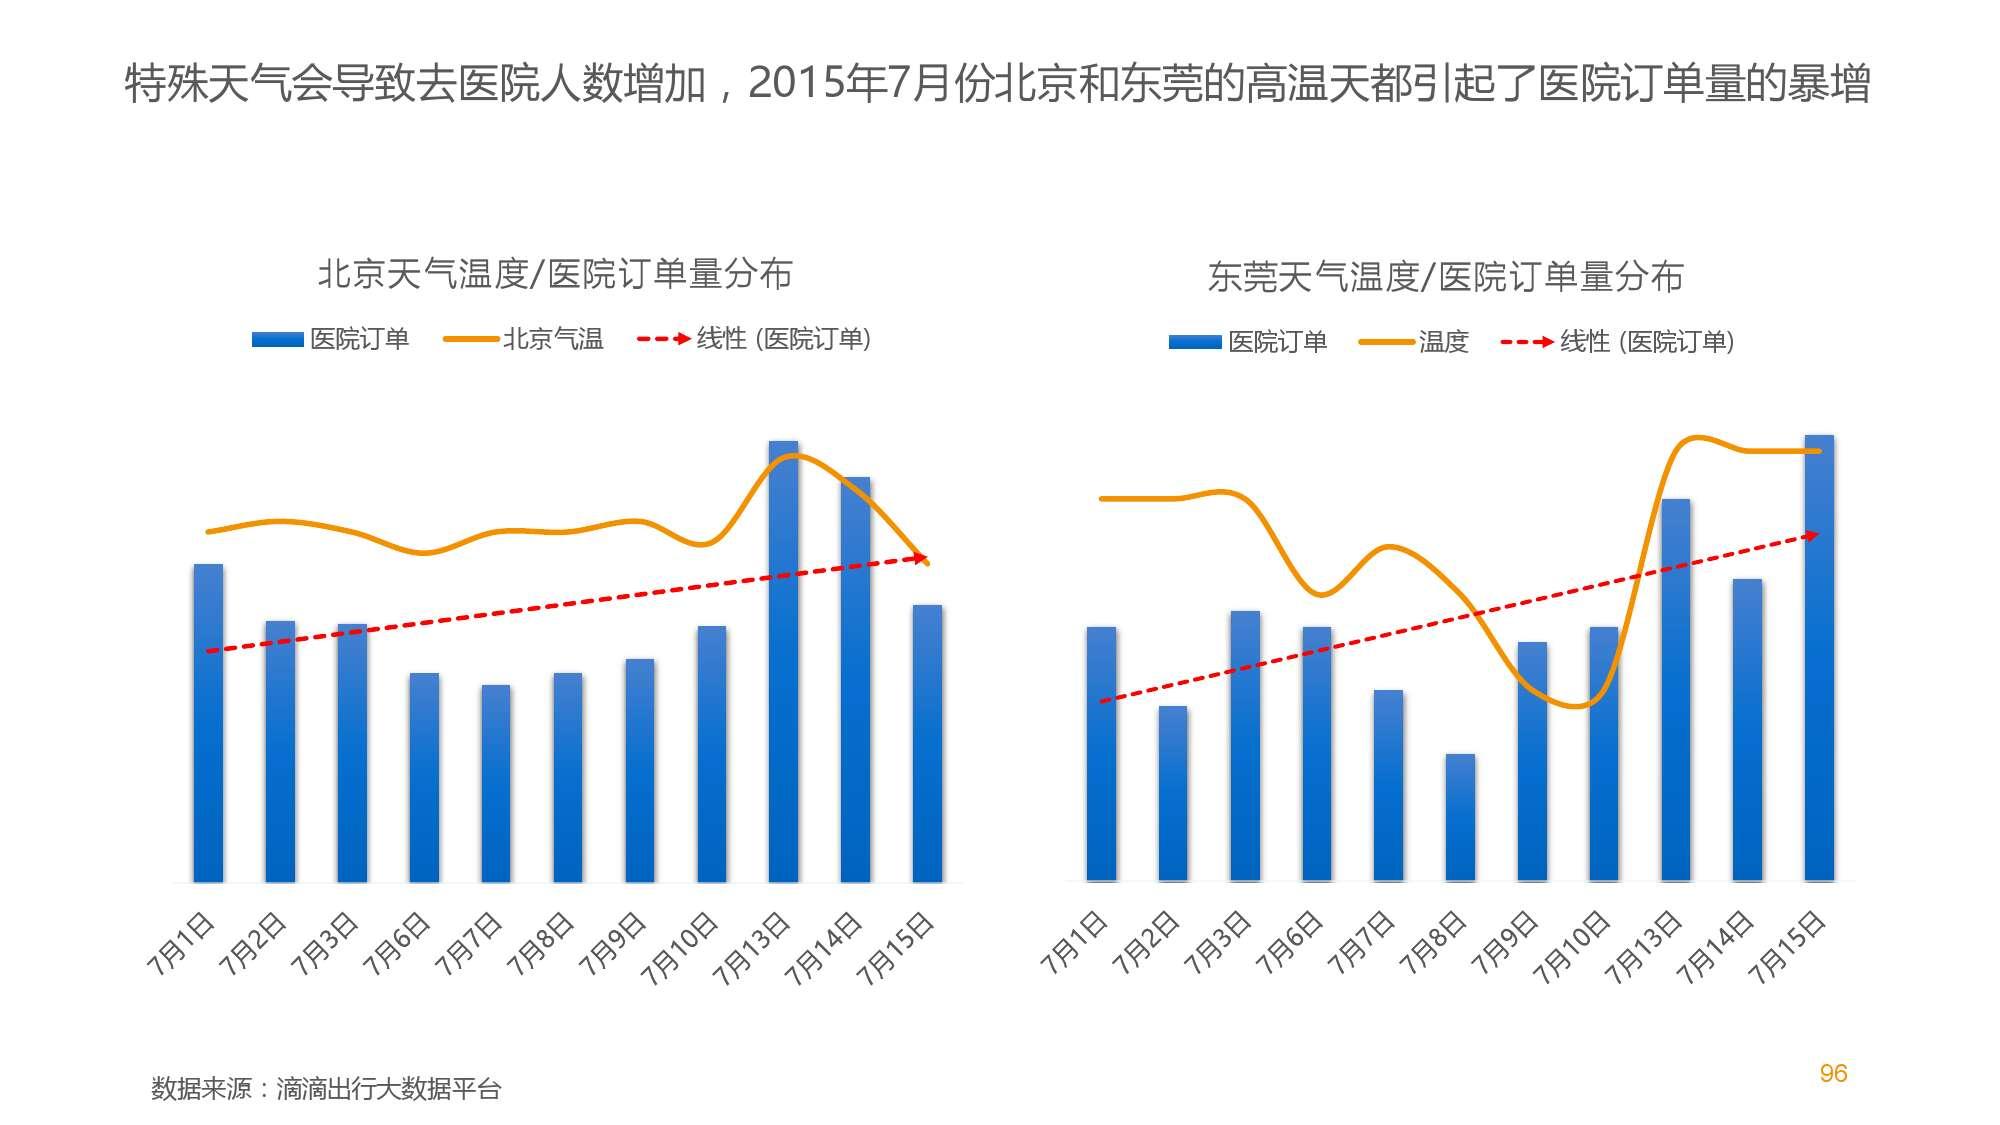 中国智能出行2015大数据报告_000096